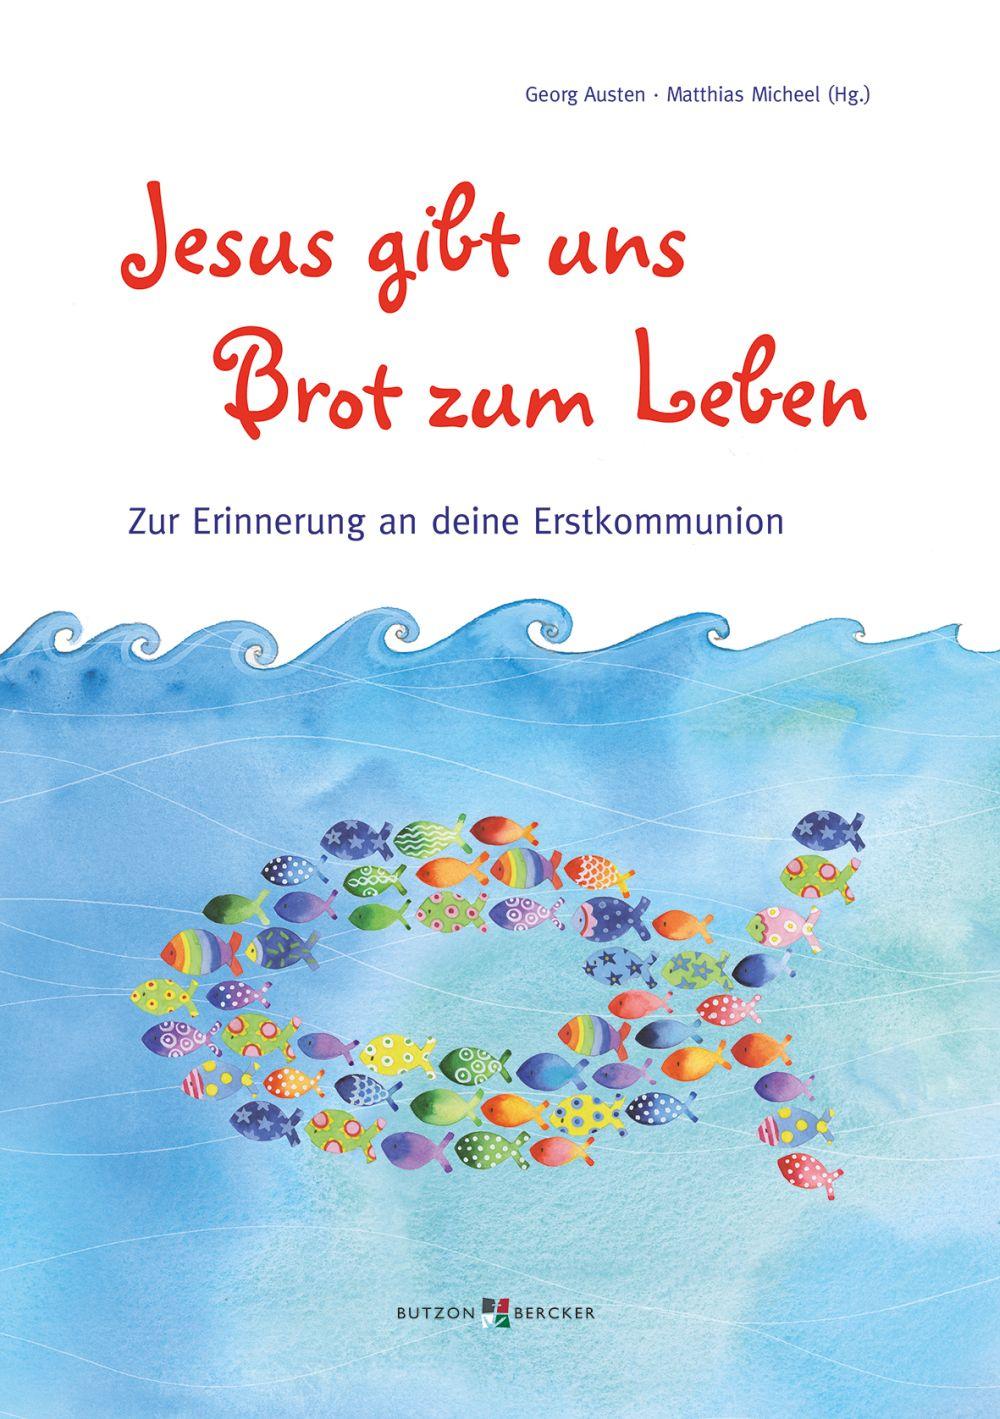 Jesus gibt uns Brot zum Leben - Zur Erinnerung an deine Erstkommunion